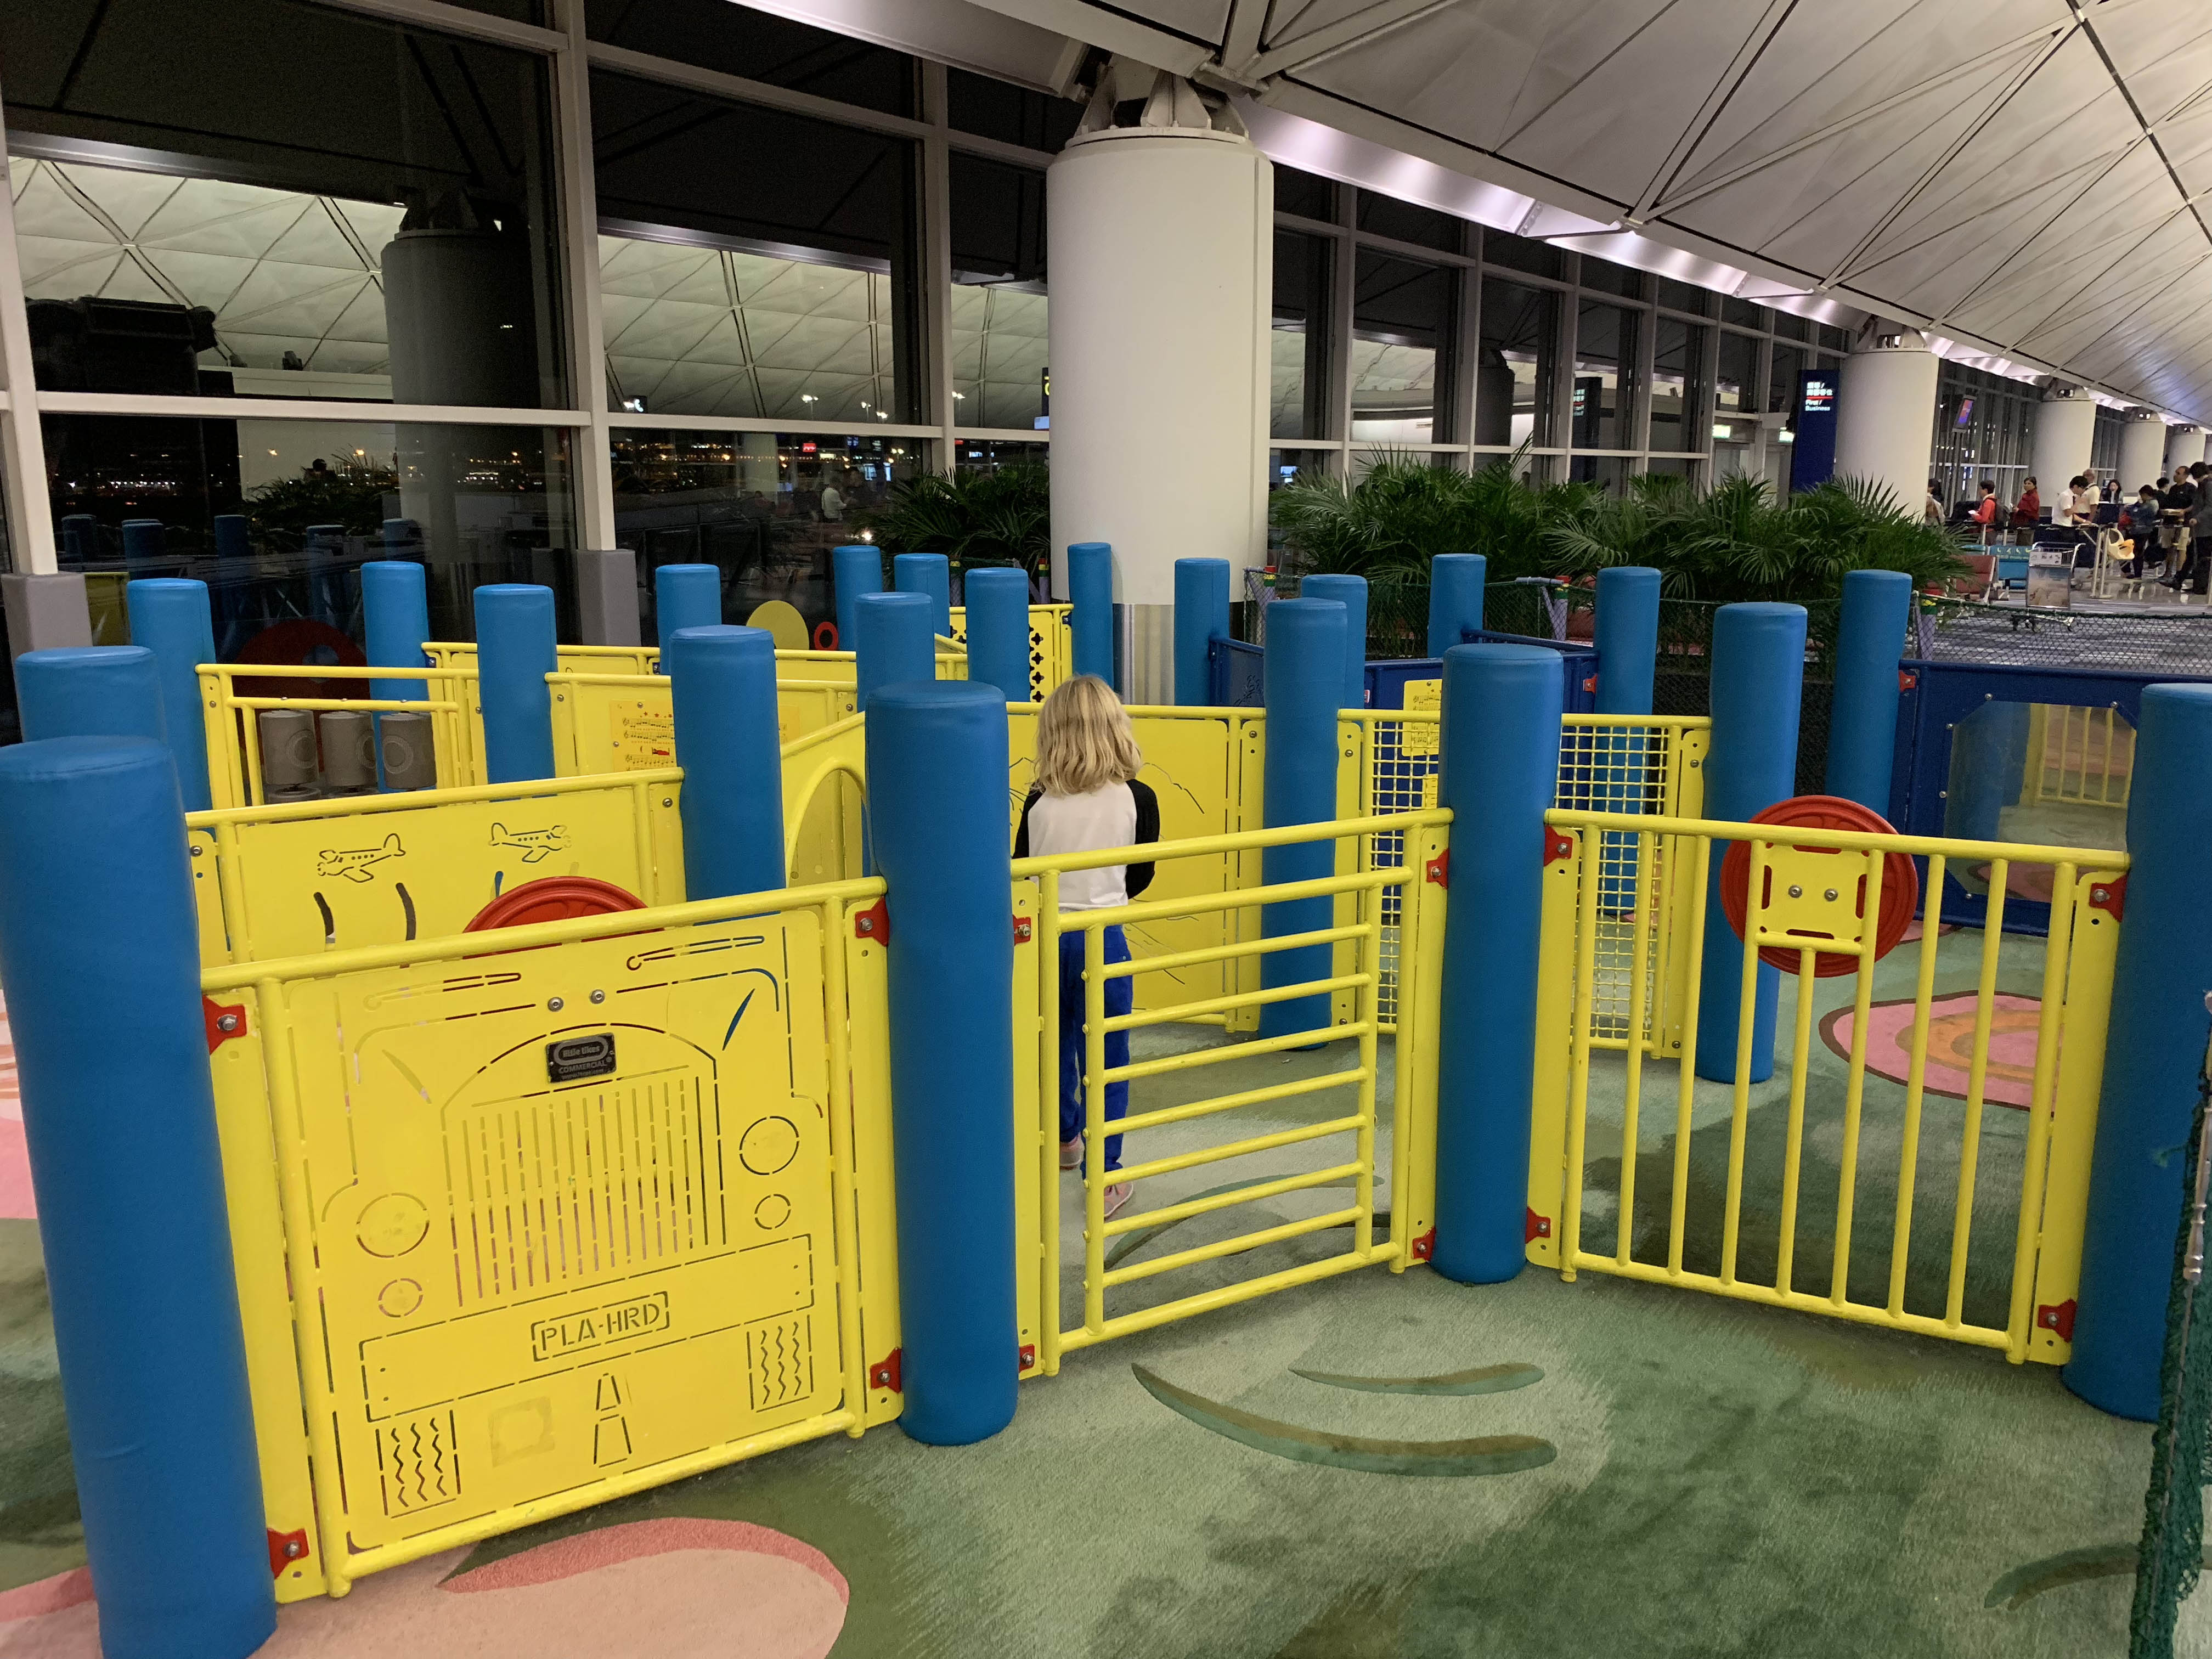 AirportPlayground